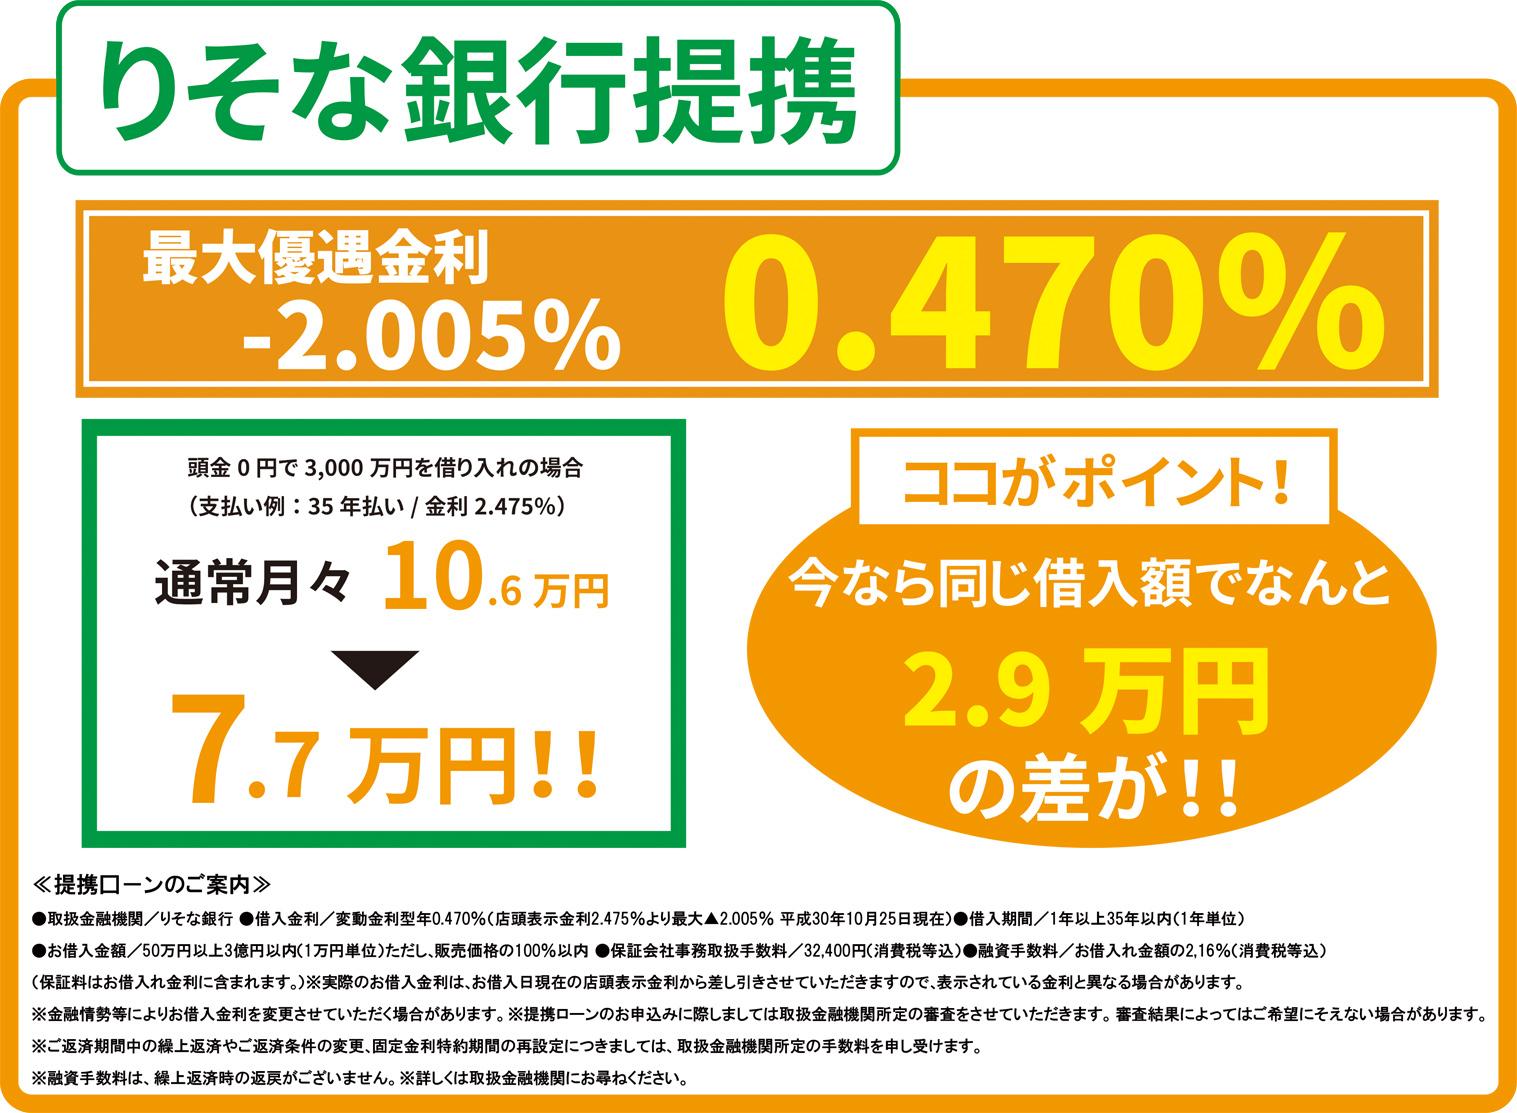 りそな銀行提携による最大優遇金利-2.005%